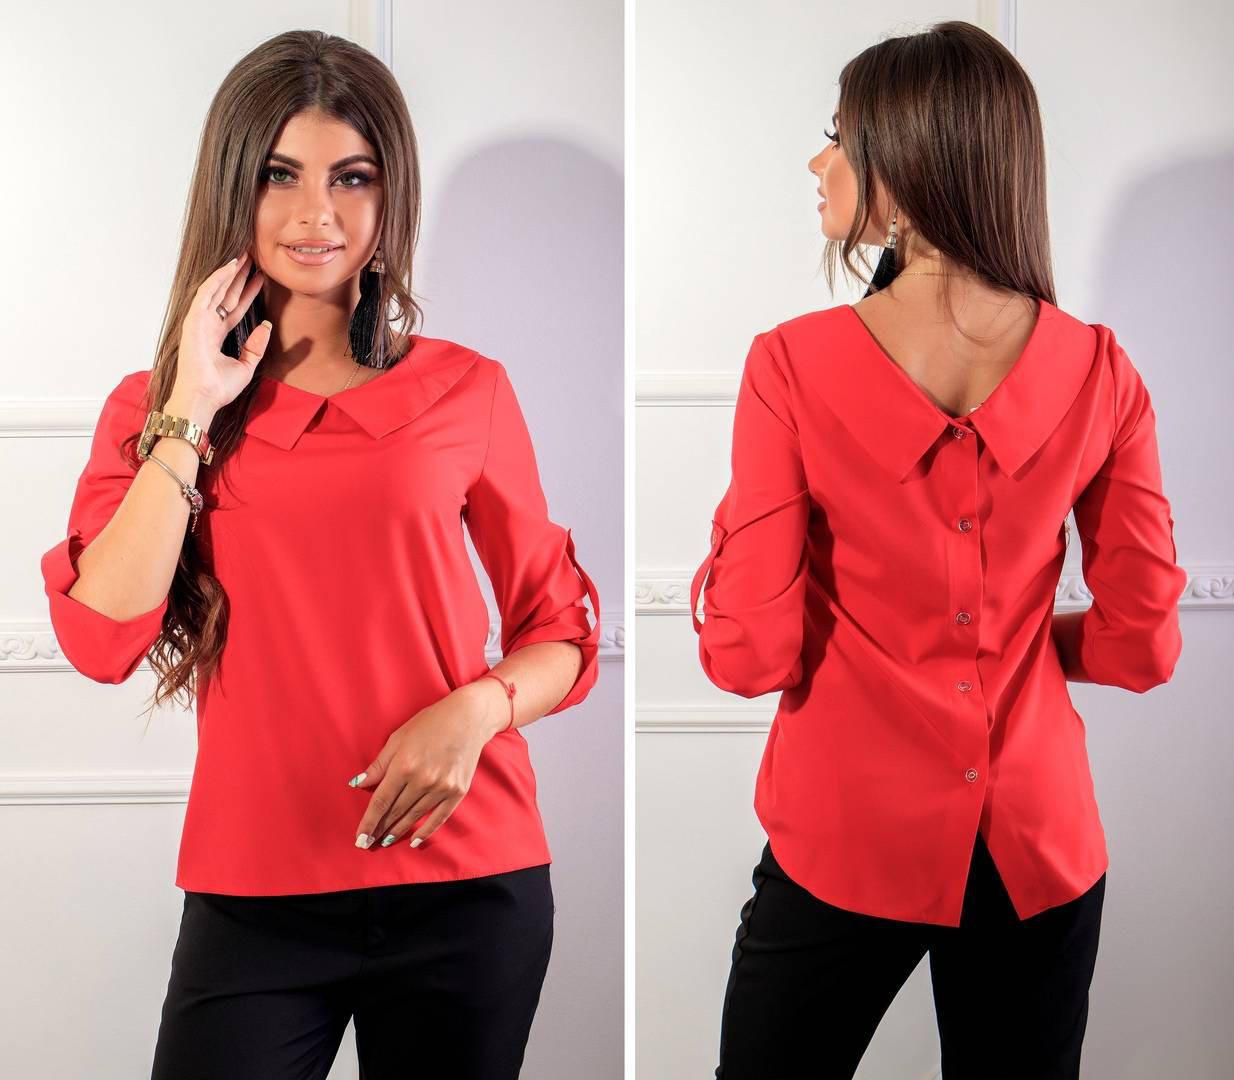 Блуза женская с пуговицами на спине, модель 116, цвет - красный, 40 размер